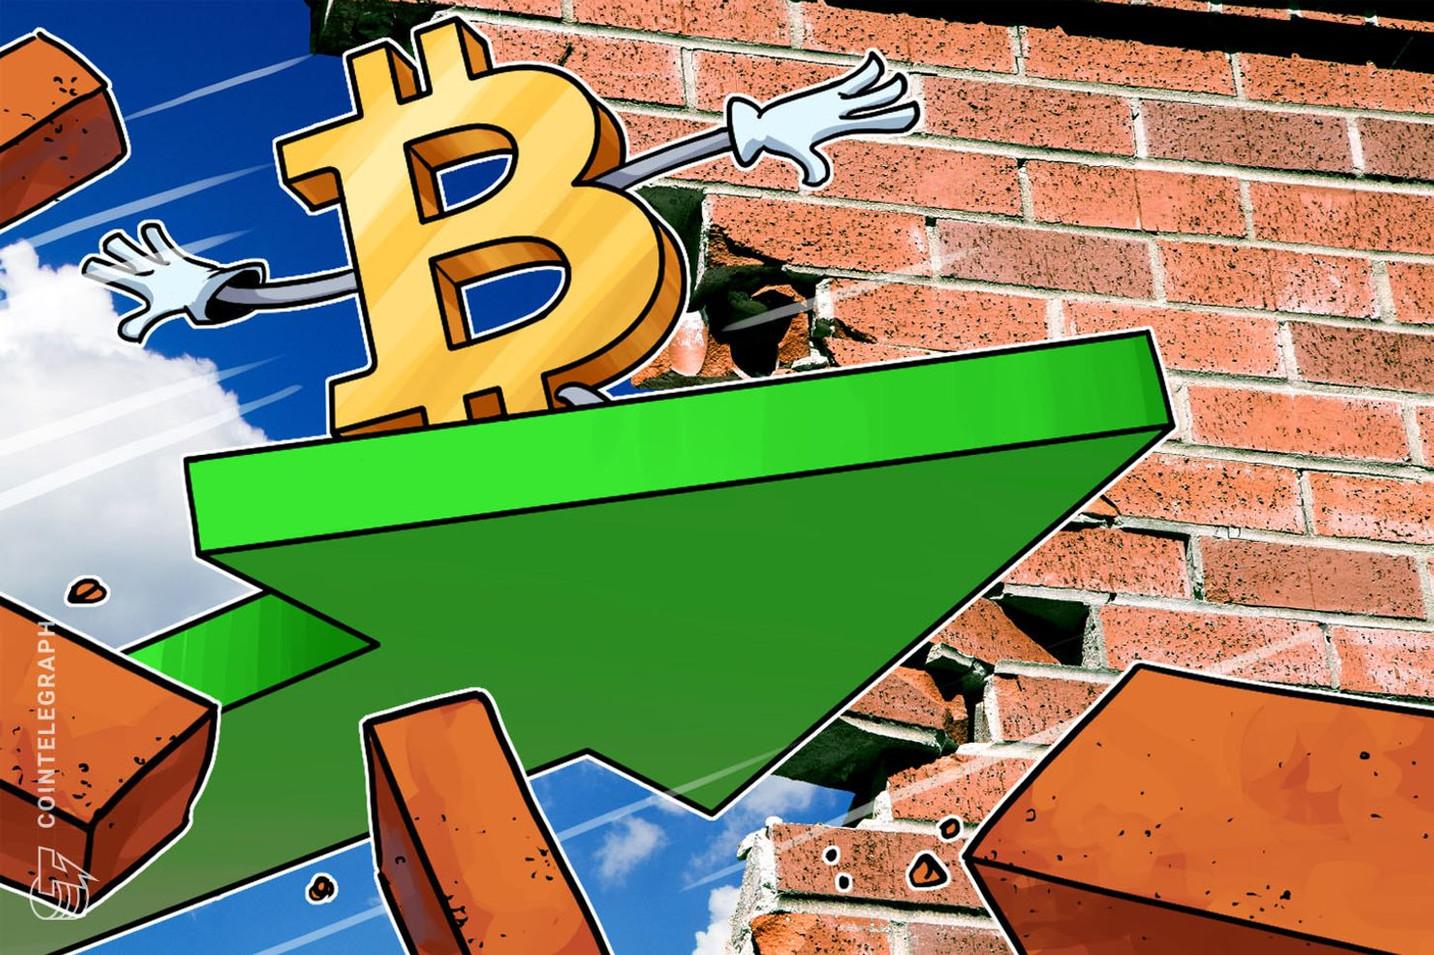 ビットコイン、長期の弱気チャネルを脱出|アルトコインは急降下【仮想通貨相場】